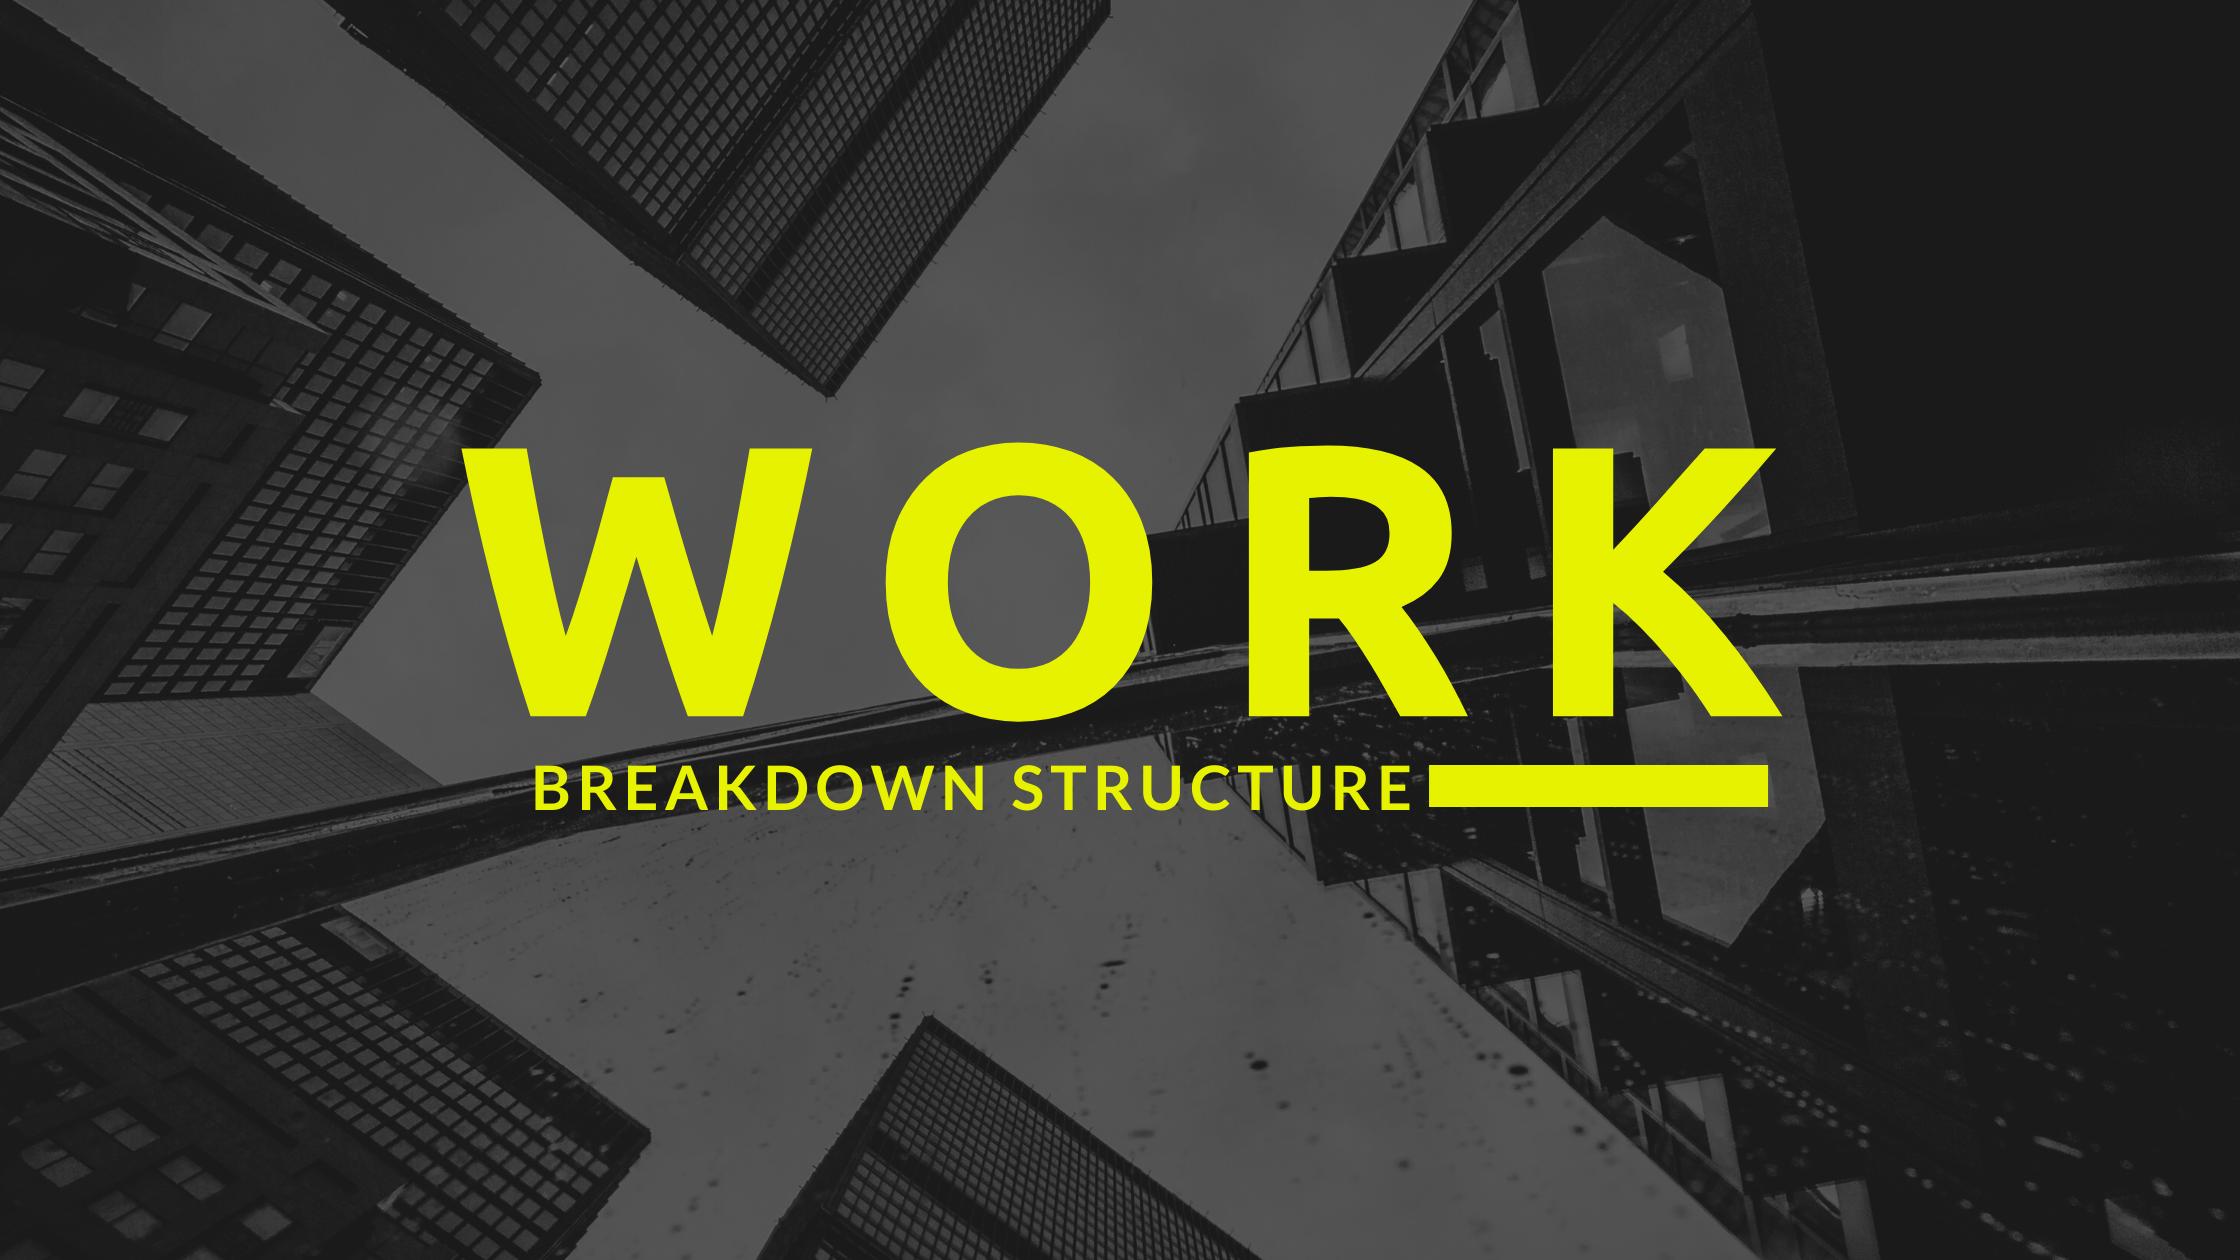 Work Breakdown Structure || OAK Interlink Company Limited